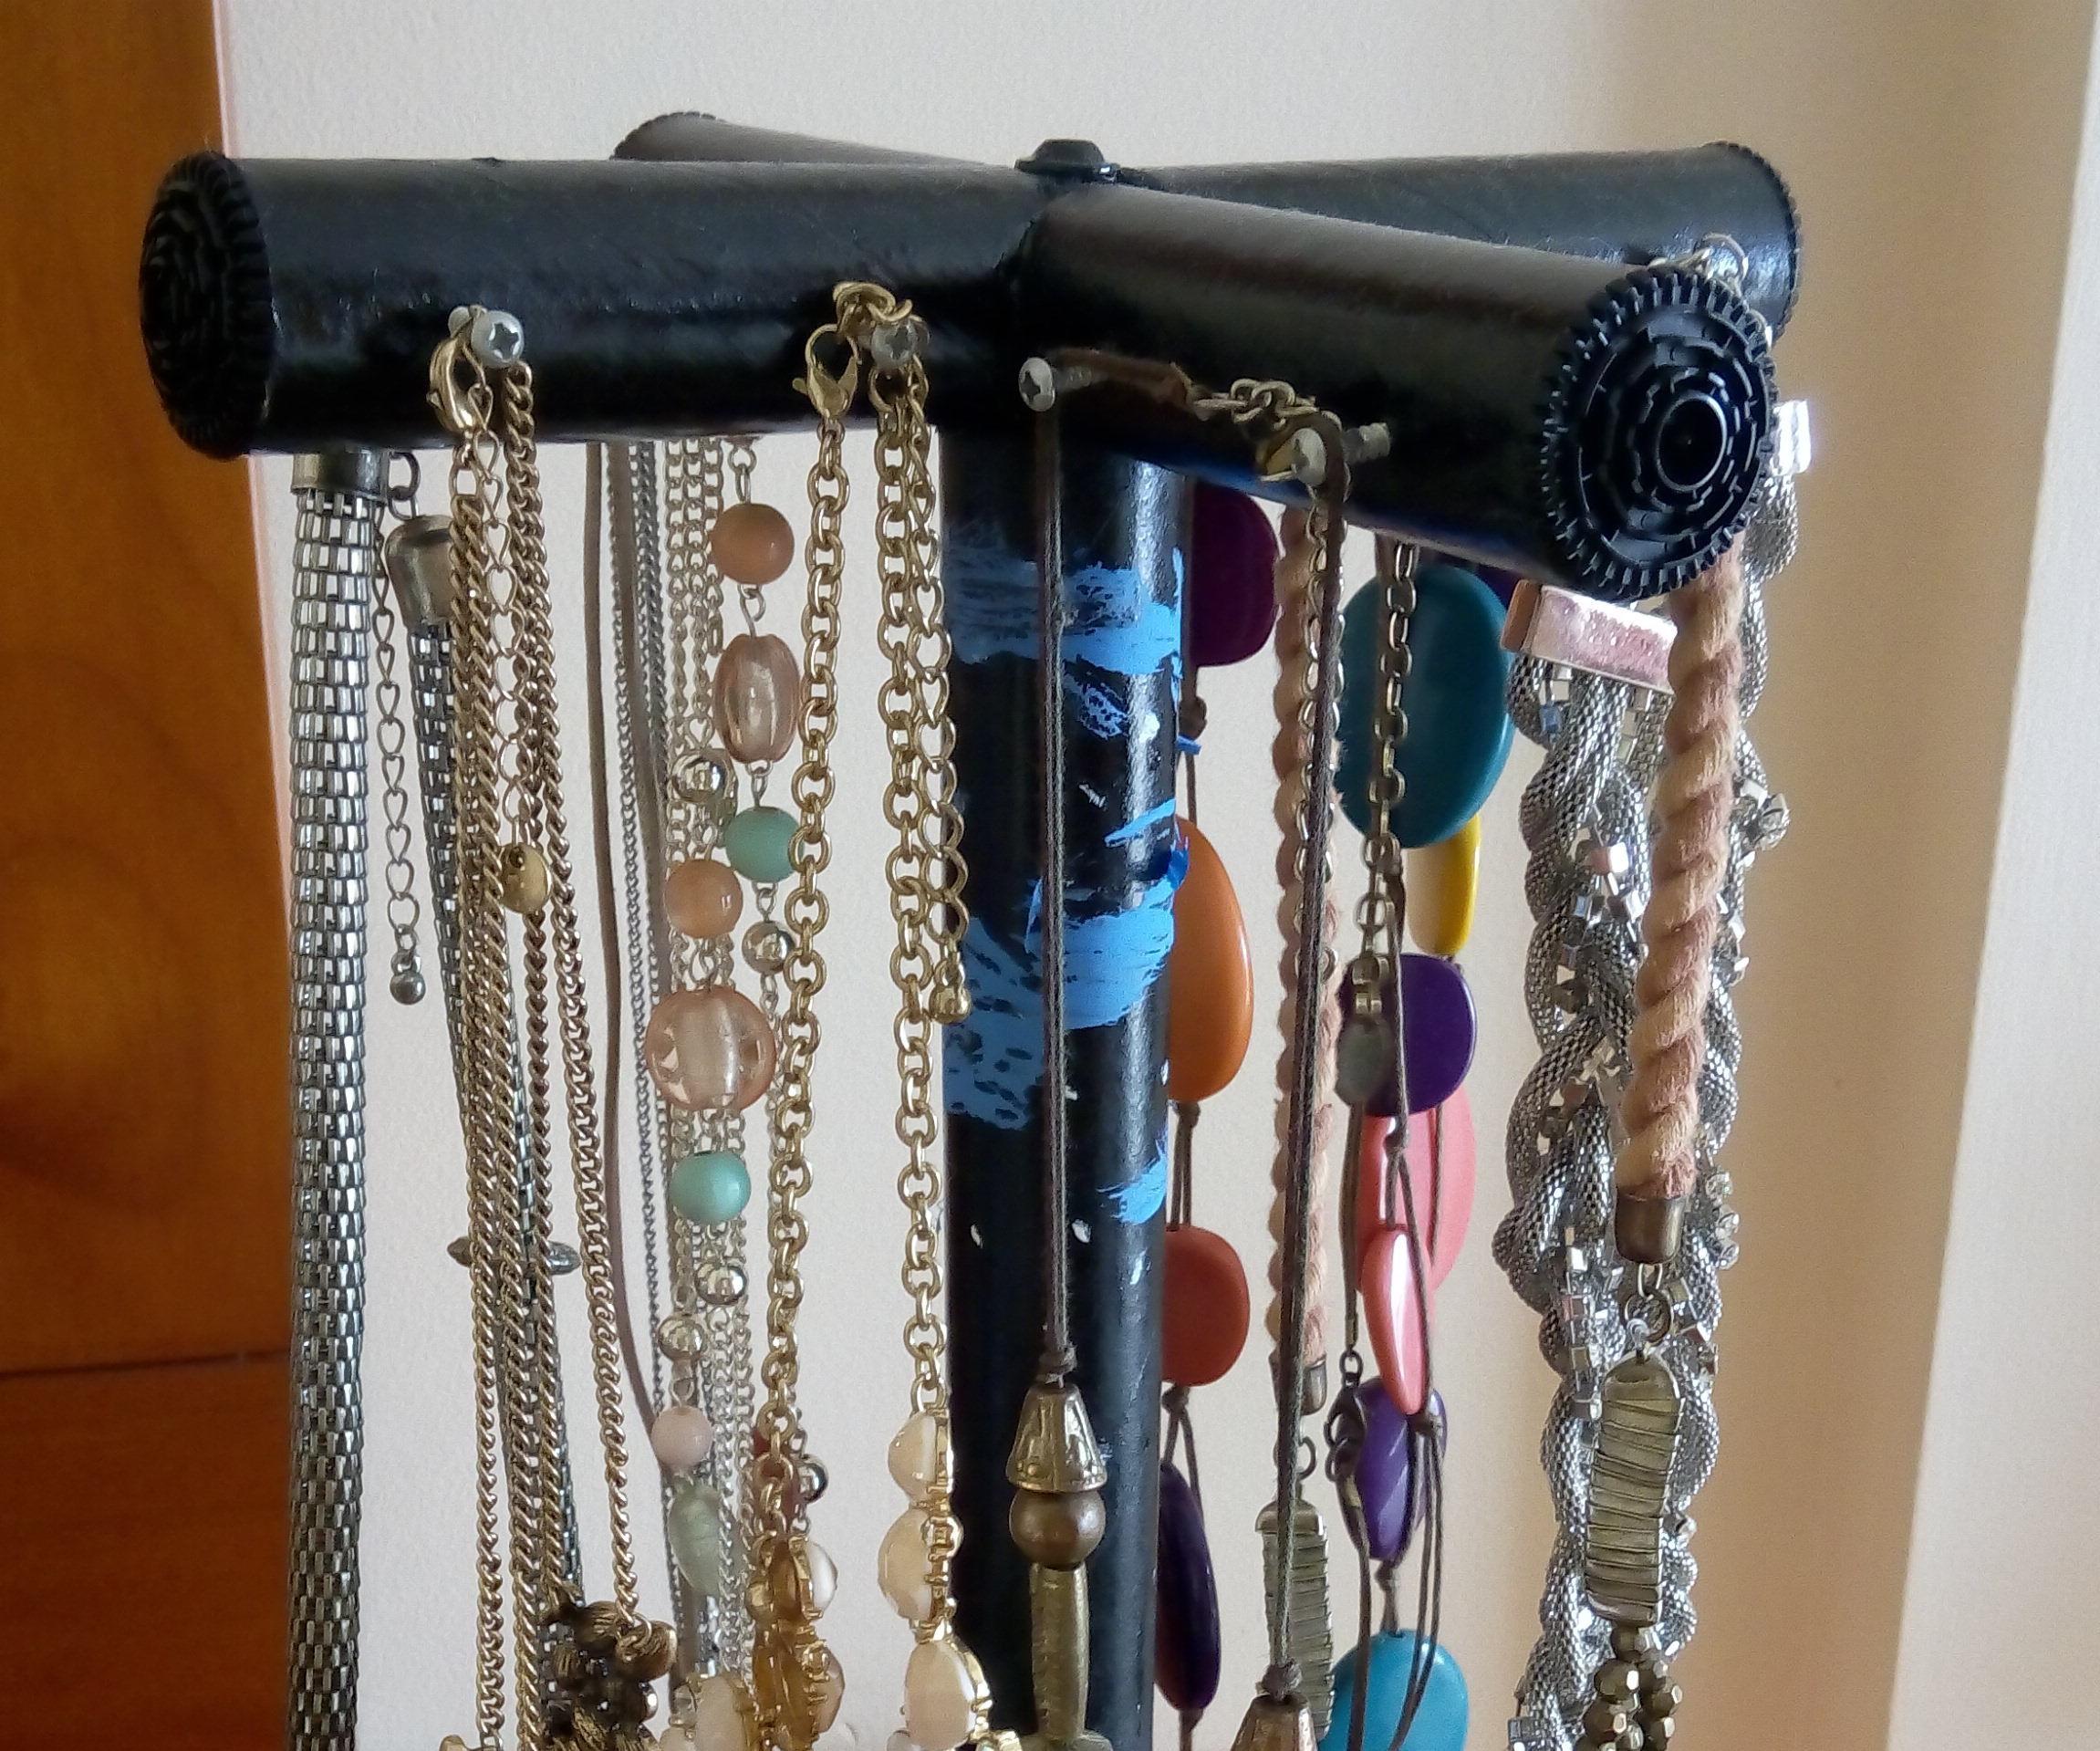 Cardboard tubes Necklace Hanger